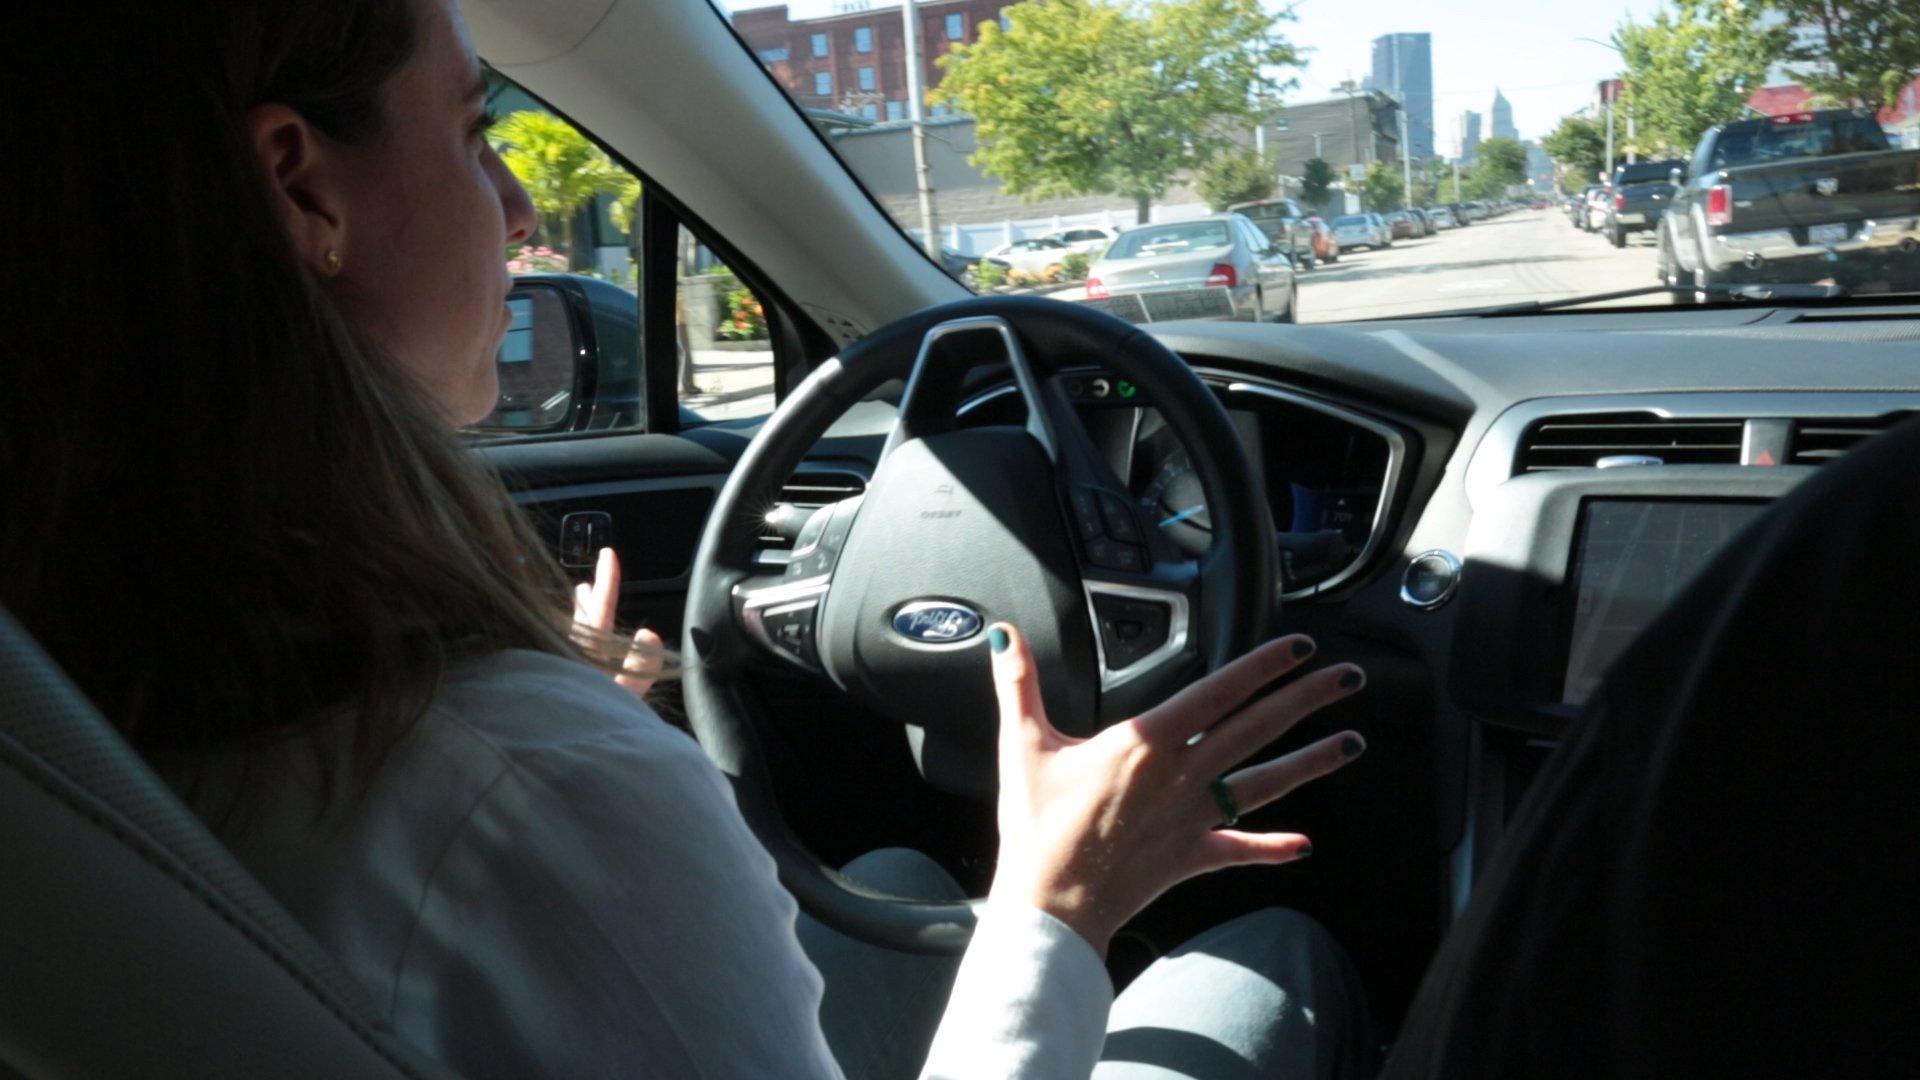 滴滴们的未来:首辆无人驾驶Uber在美国上路